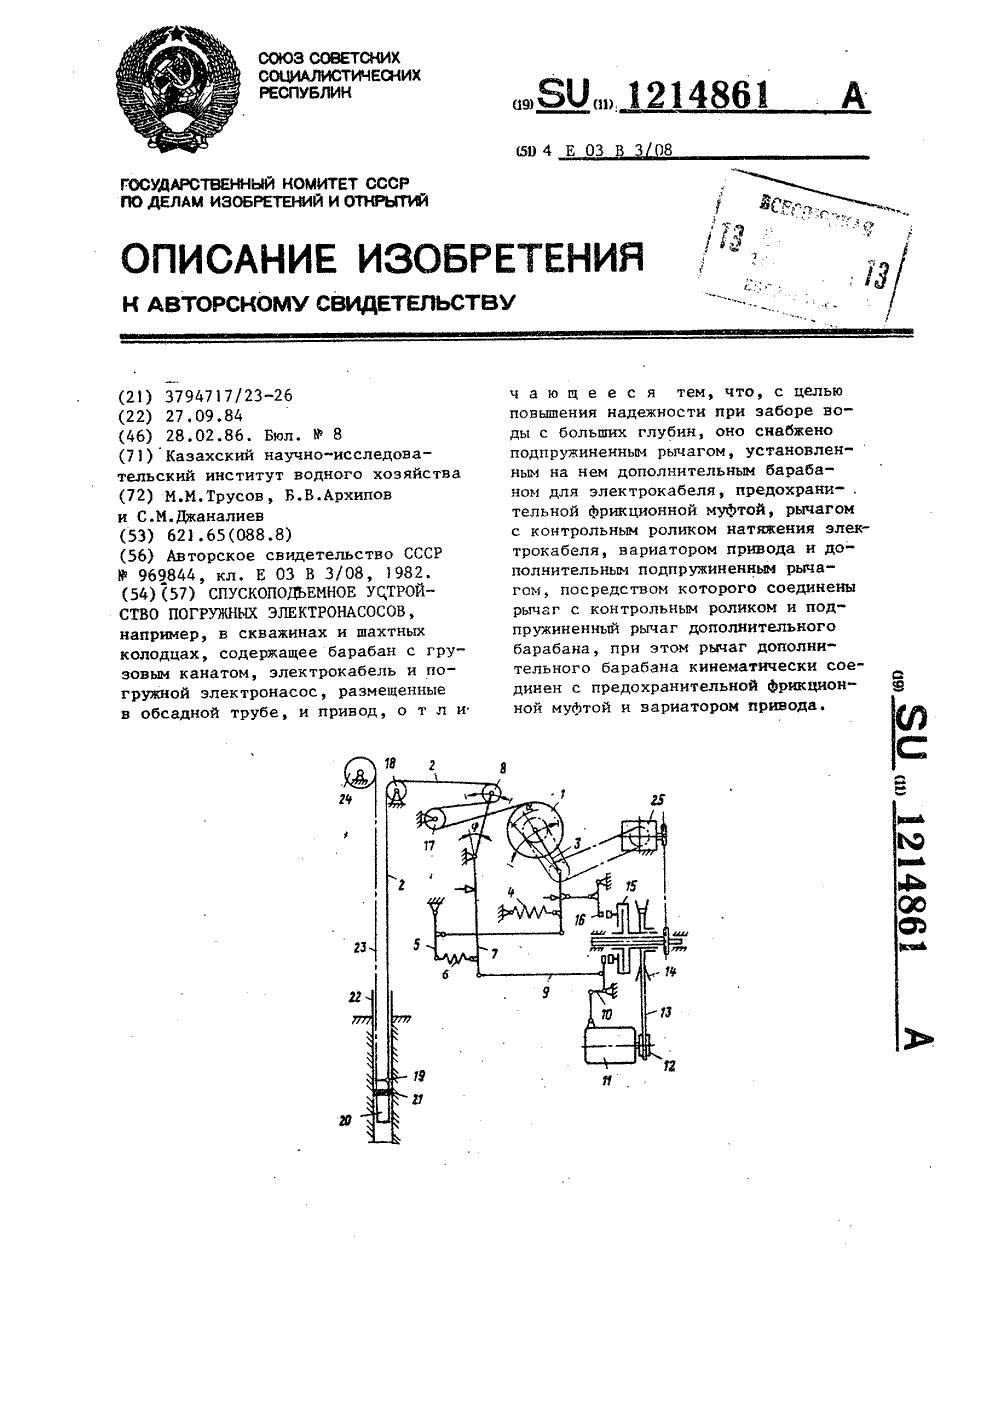 схема устройства водозаборного шахтного колодца